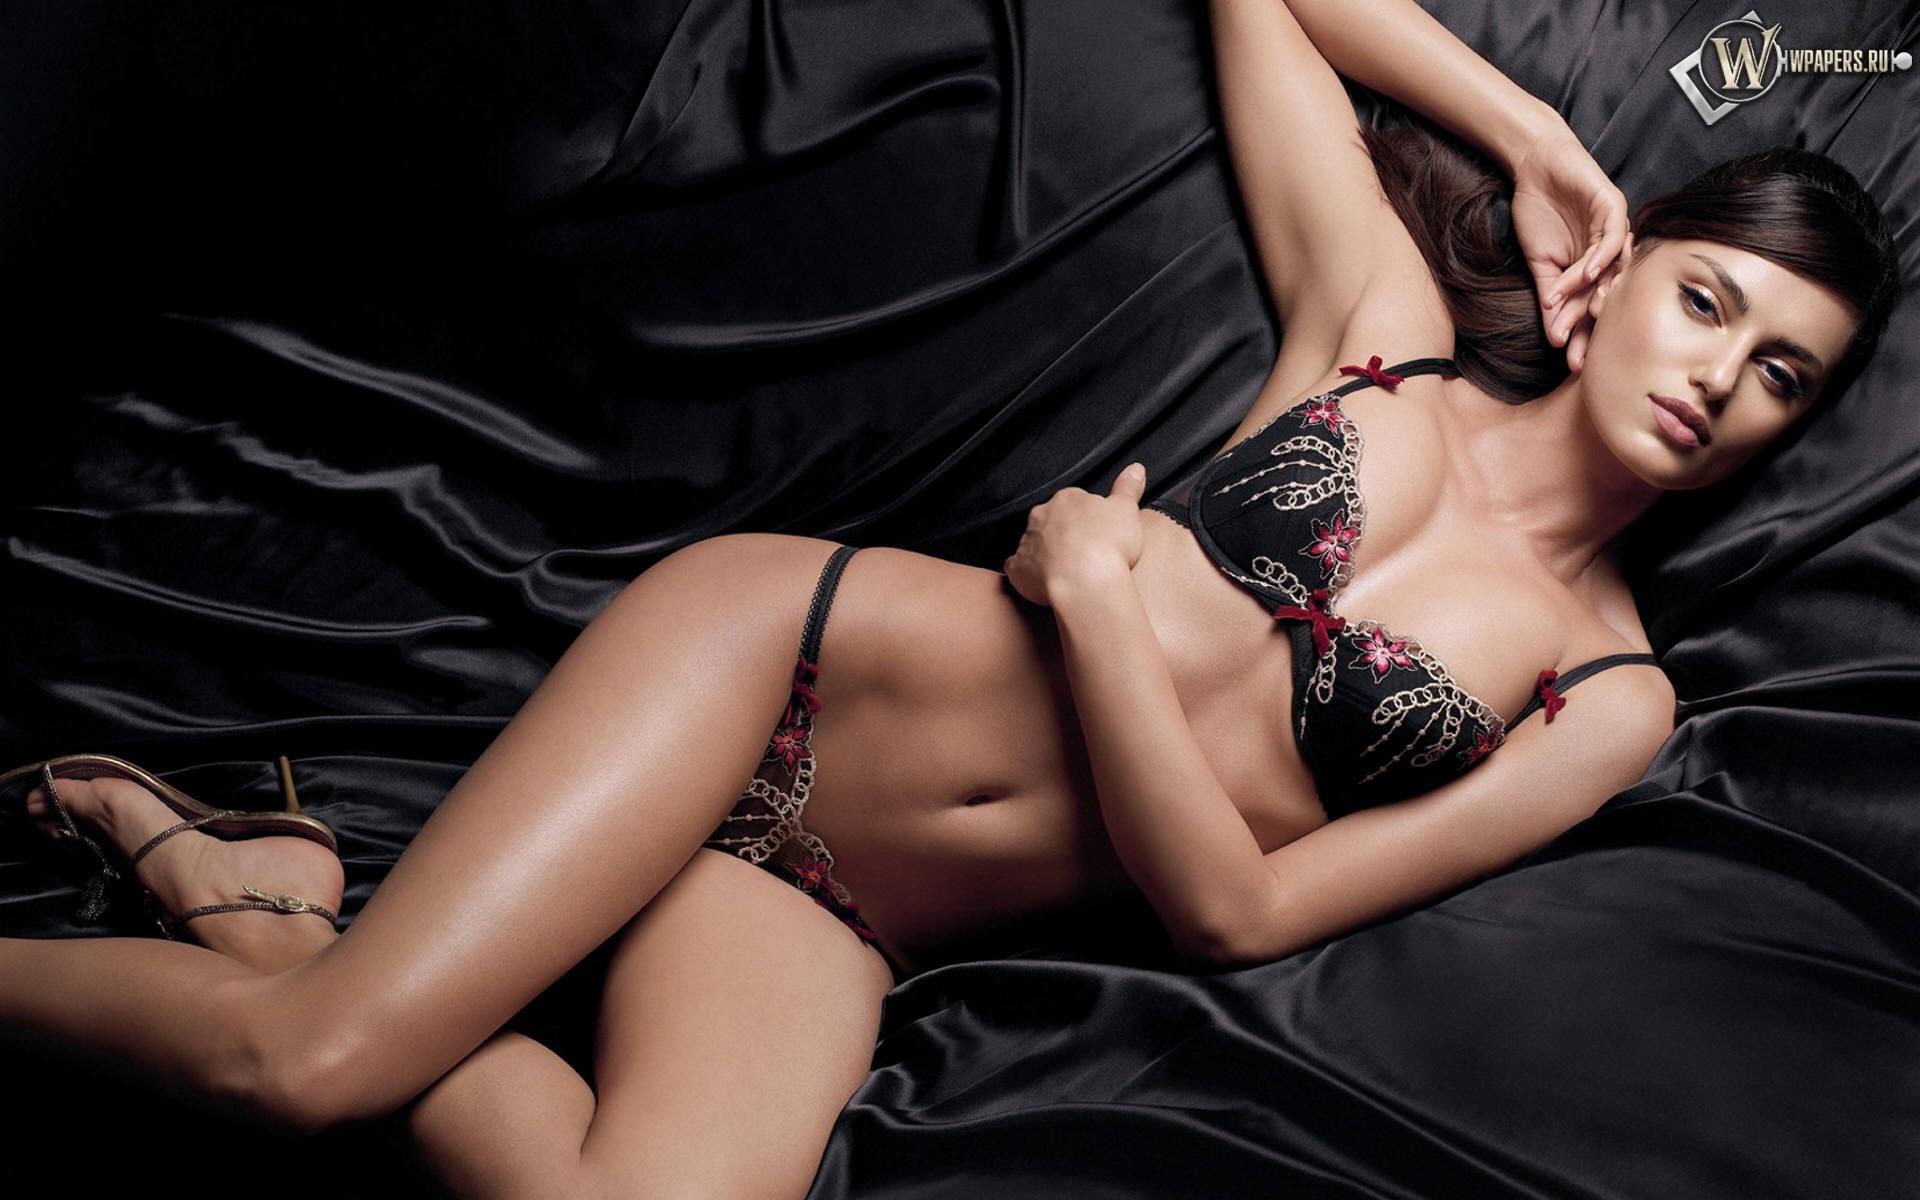 Секс с брюнеткой на кровати в черных колготках 16 фотография